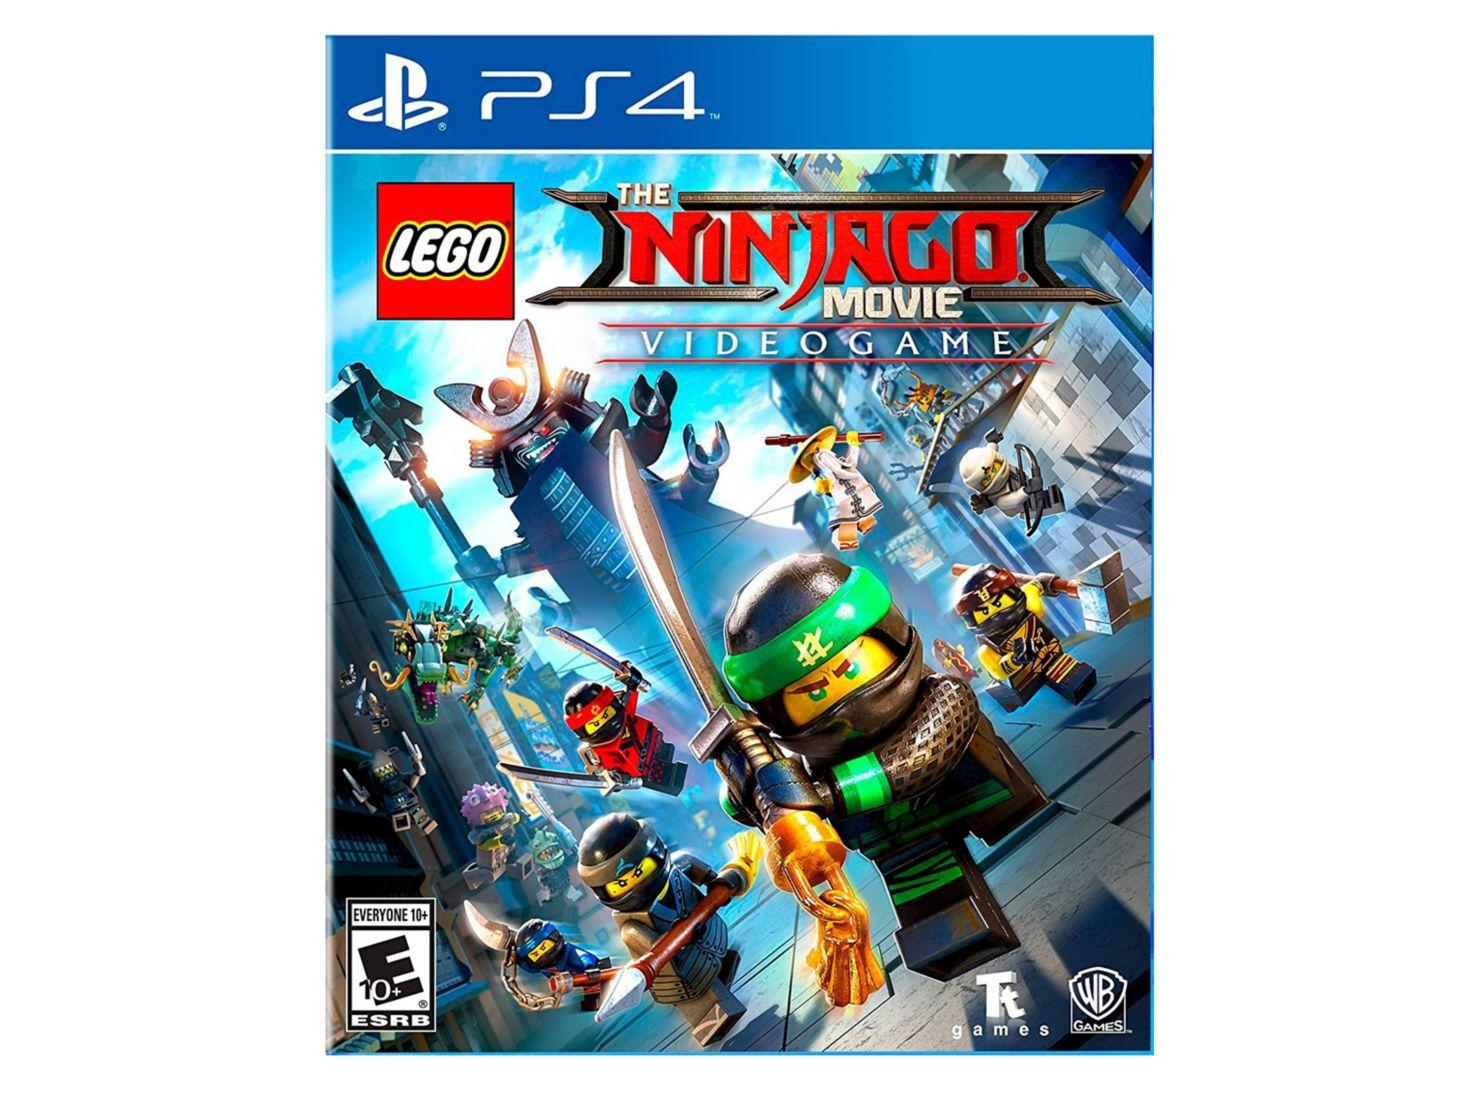 Juego Ps4 The Lego Ninjago Movie Video Game Juegos Ps4 Y Vr Paris